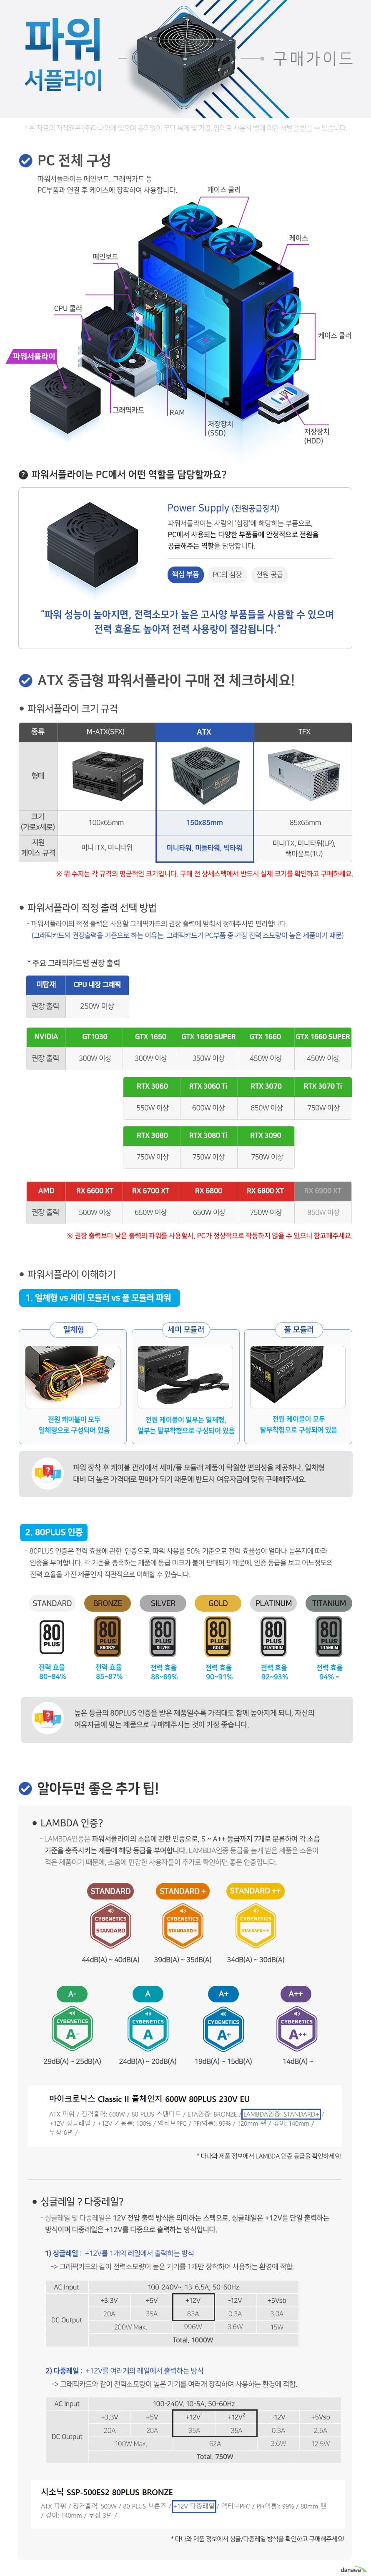 마이크로닉스 COOLMAX VISION 700W HDB